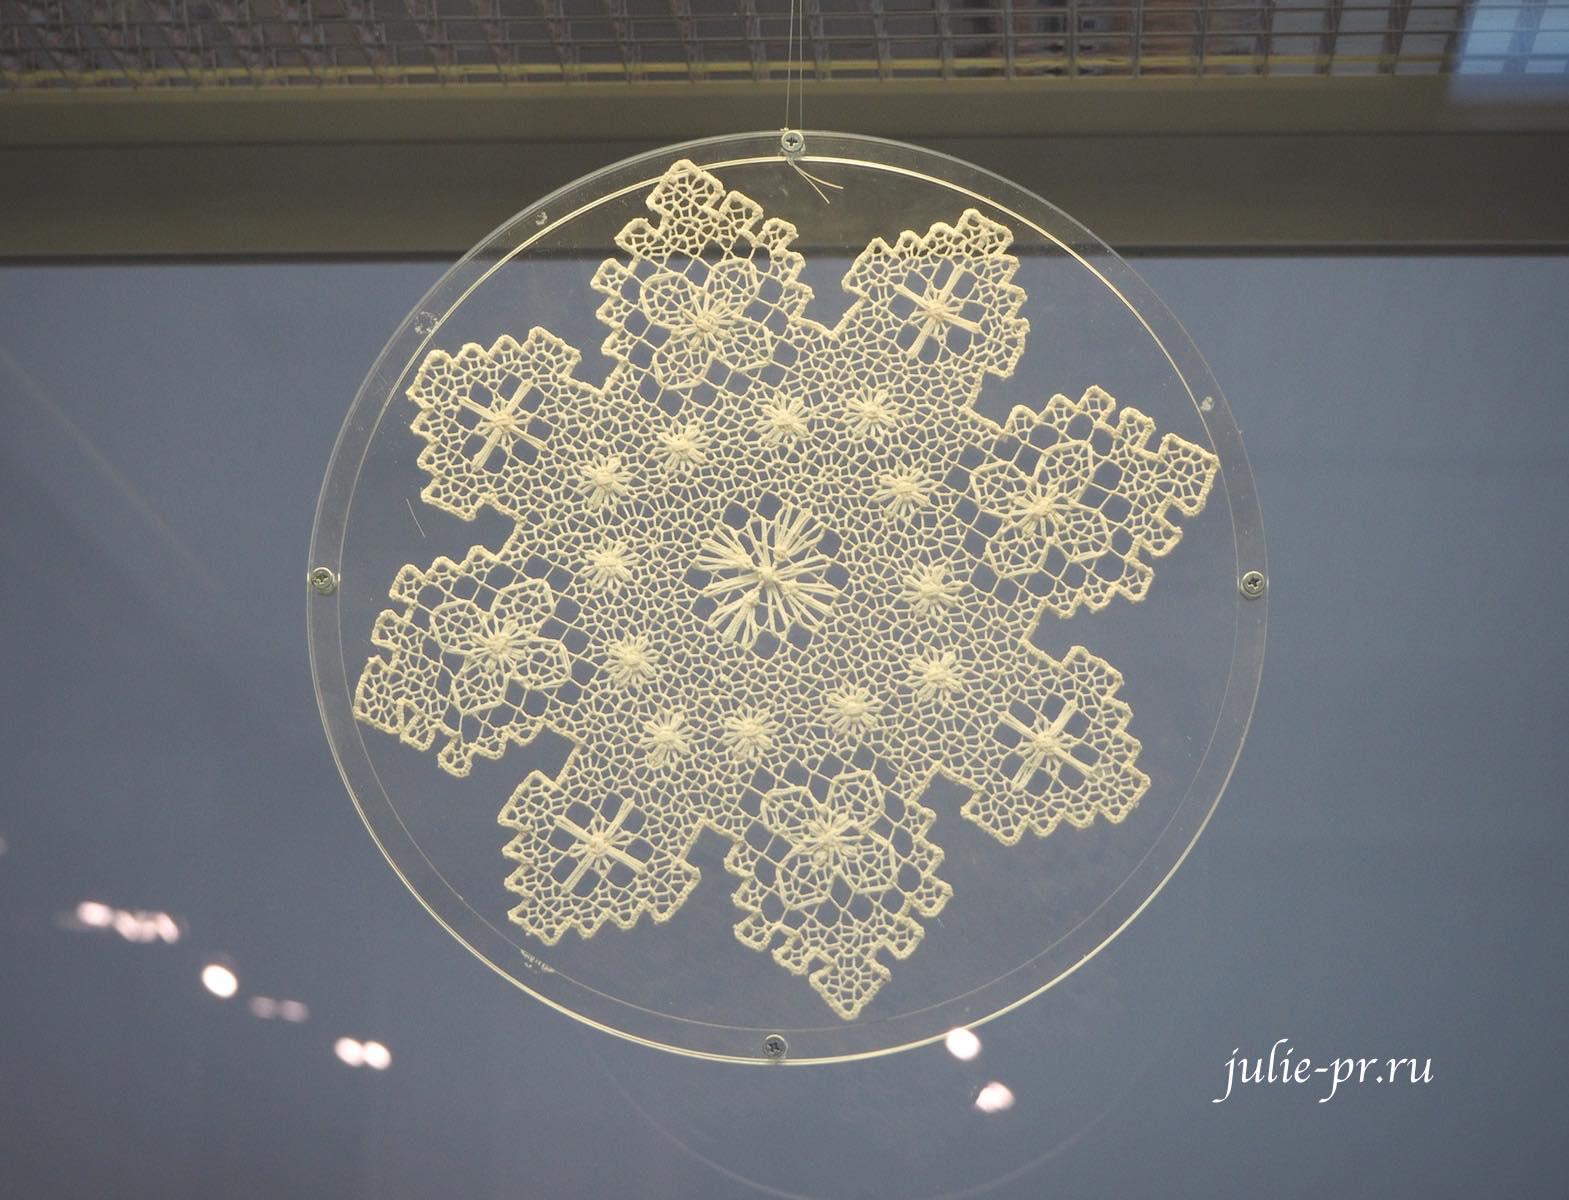 Всероссийская выставка вышивки, вышивка, Снежинка, филейно-гипюрная вышивка